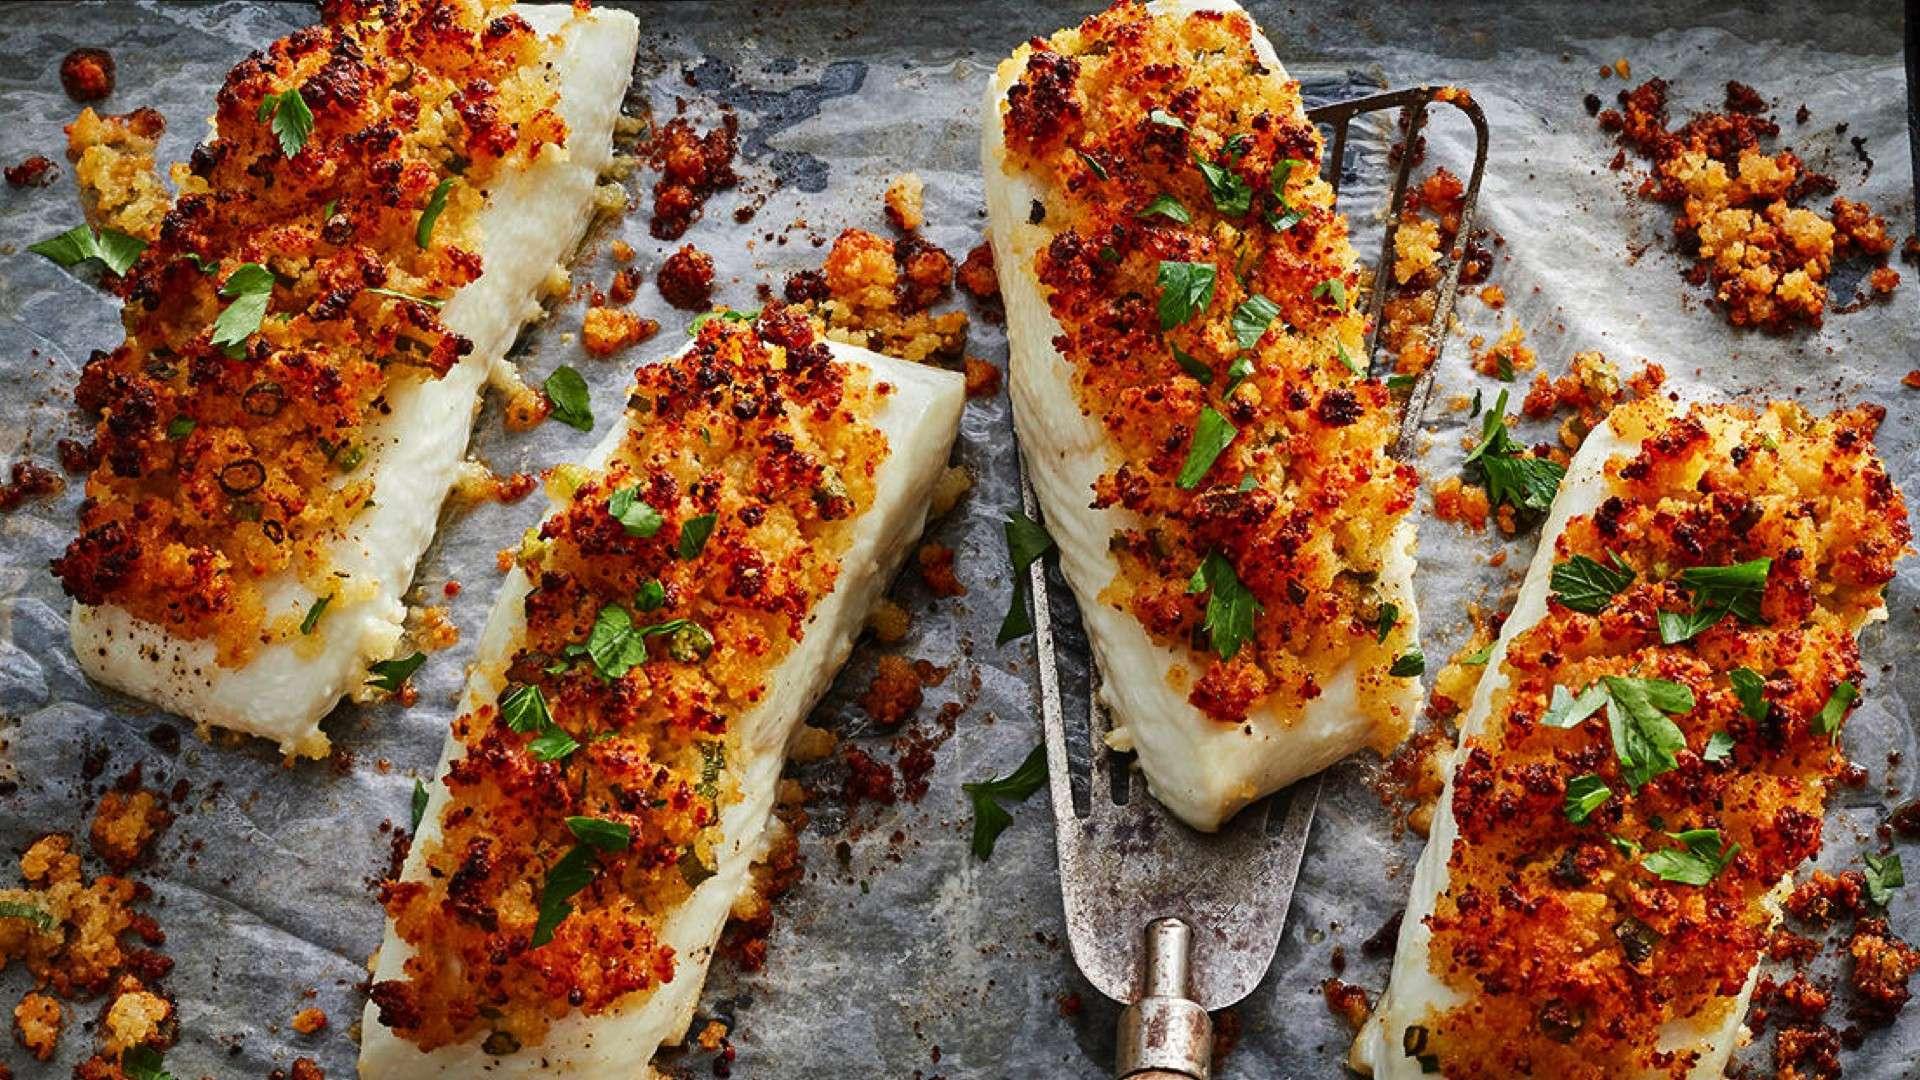 Parmesan Baked Fish